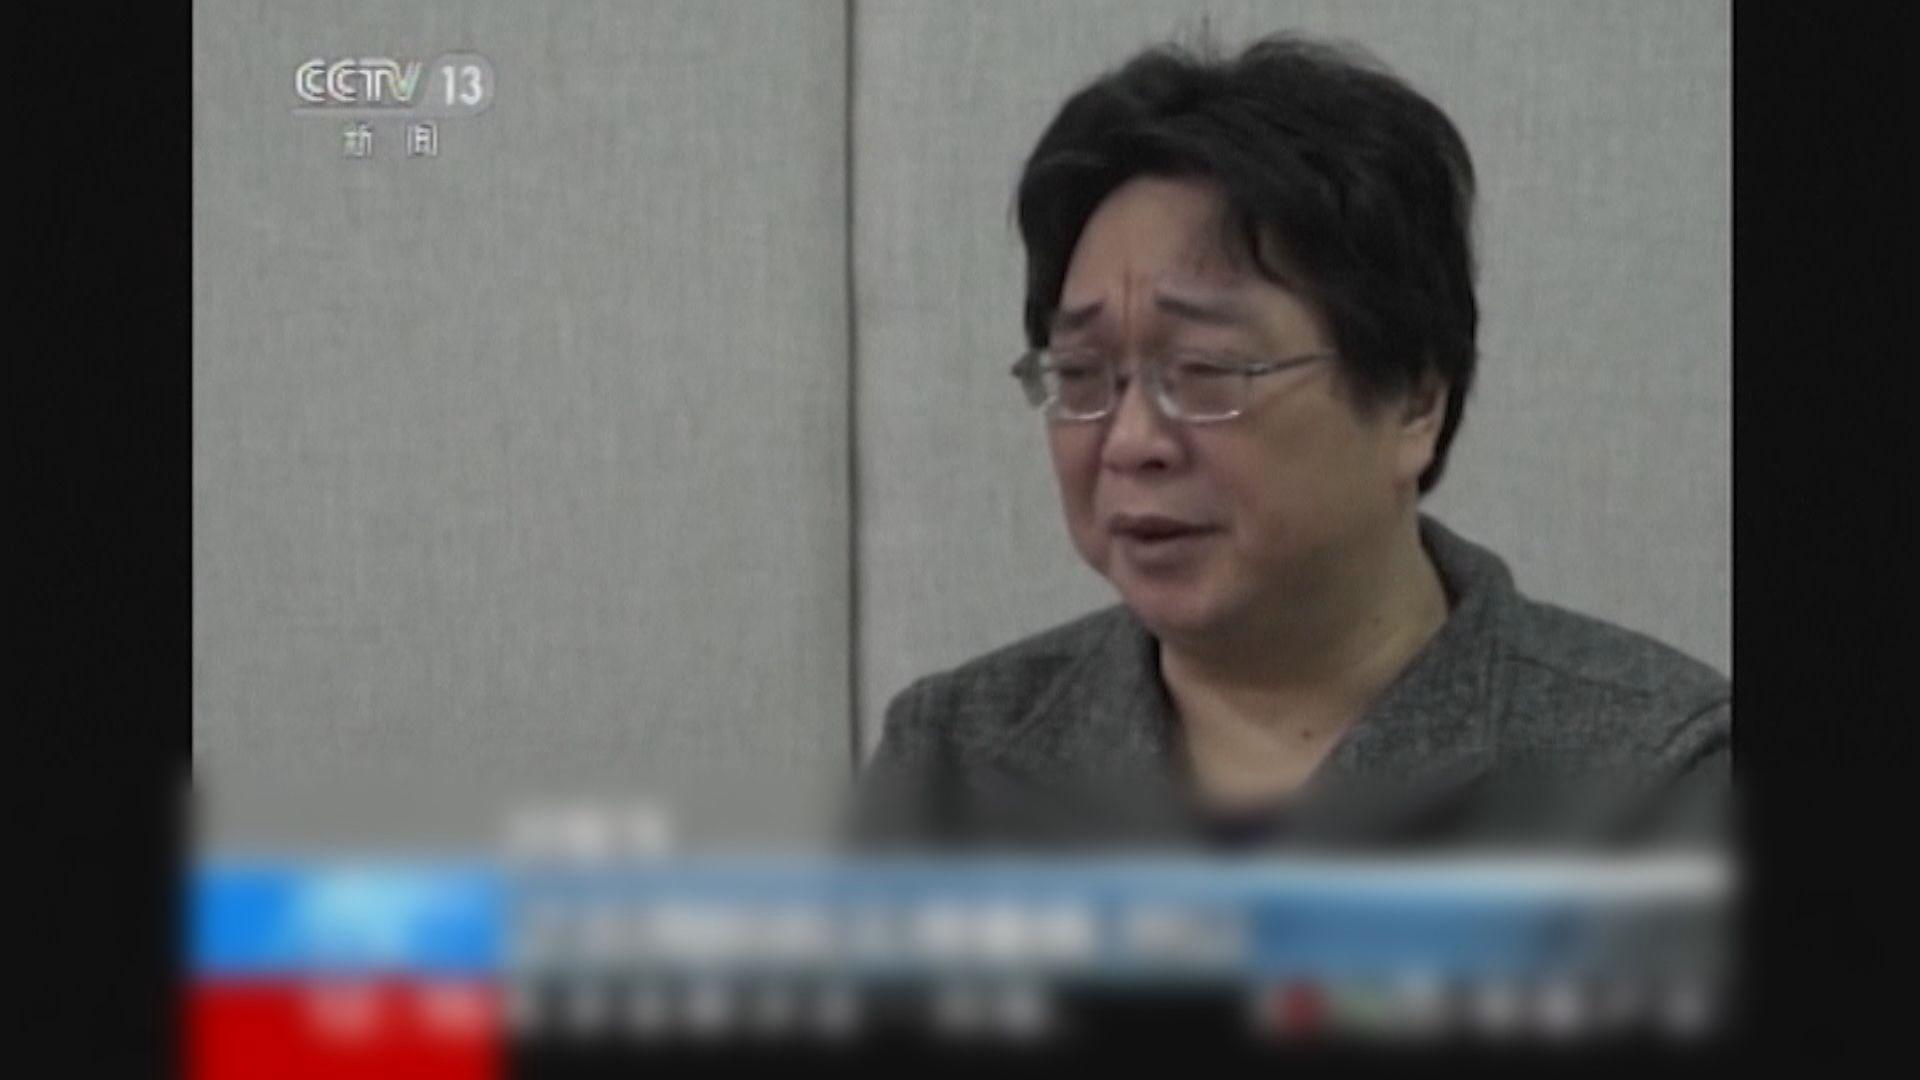 桂民海被判境外非法提供情報罪成囚十年